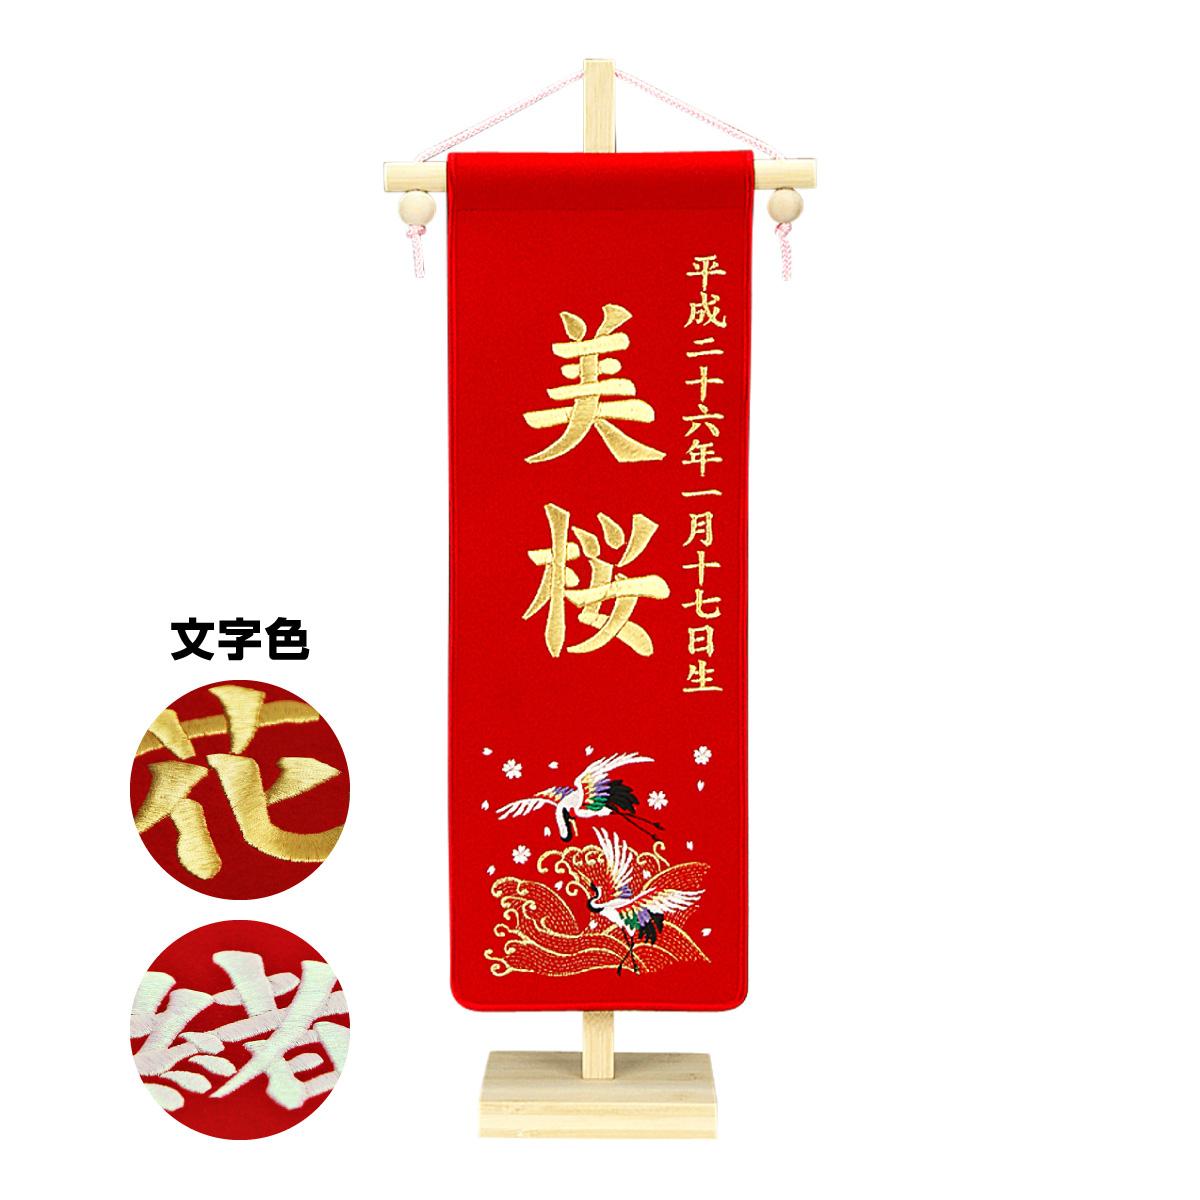 ひな人形 名前旗 招福別製 刺繍名前旗・赤【小】